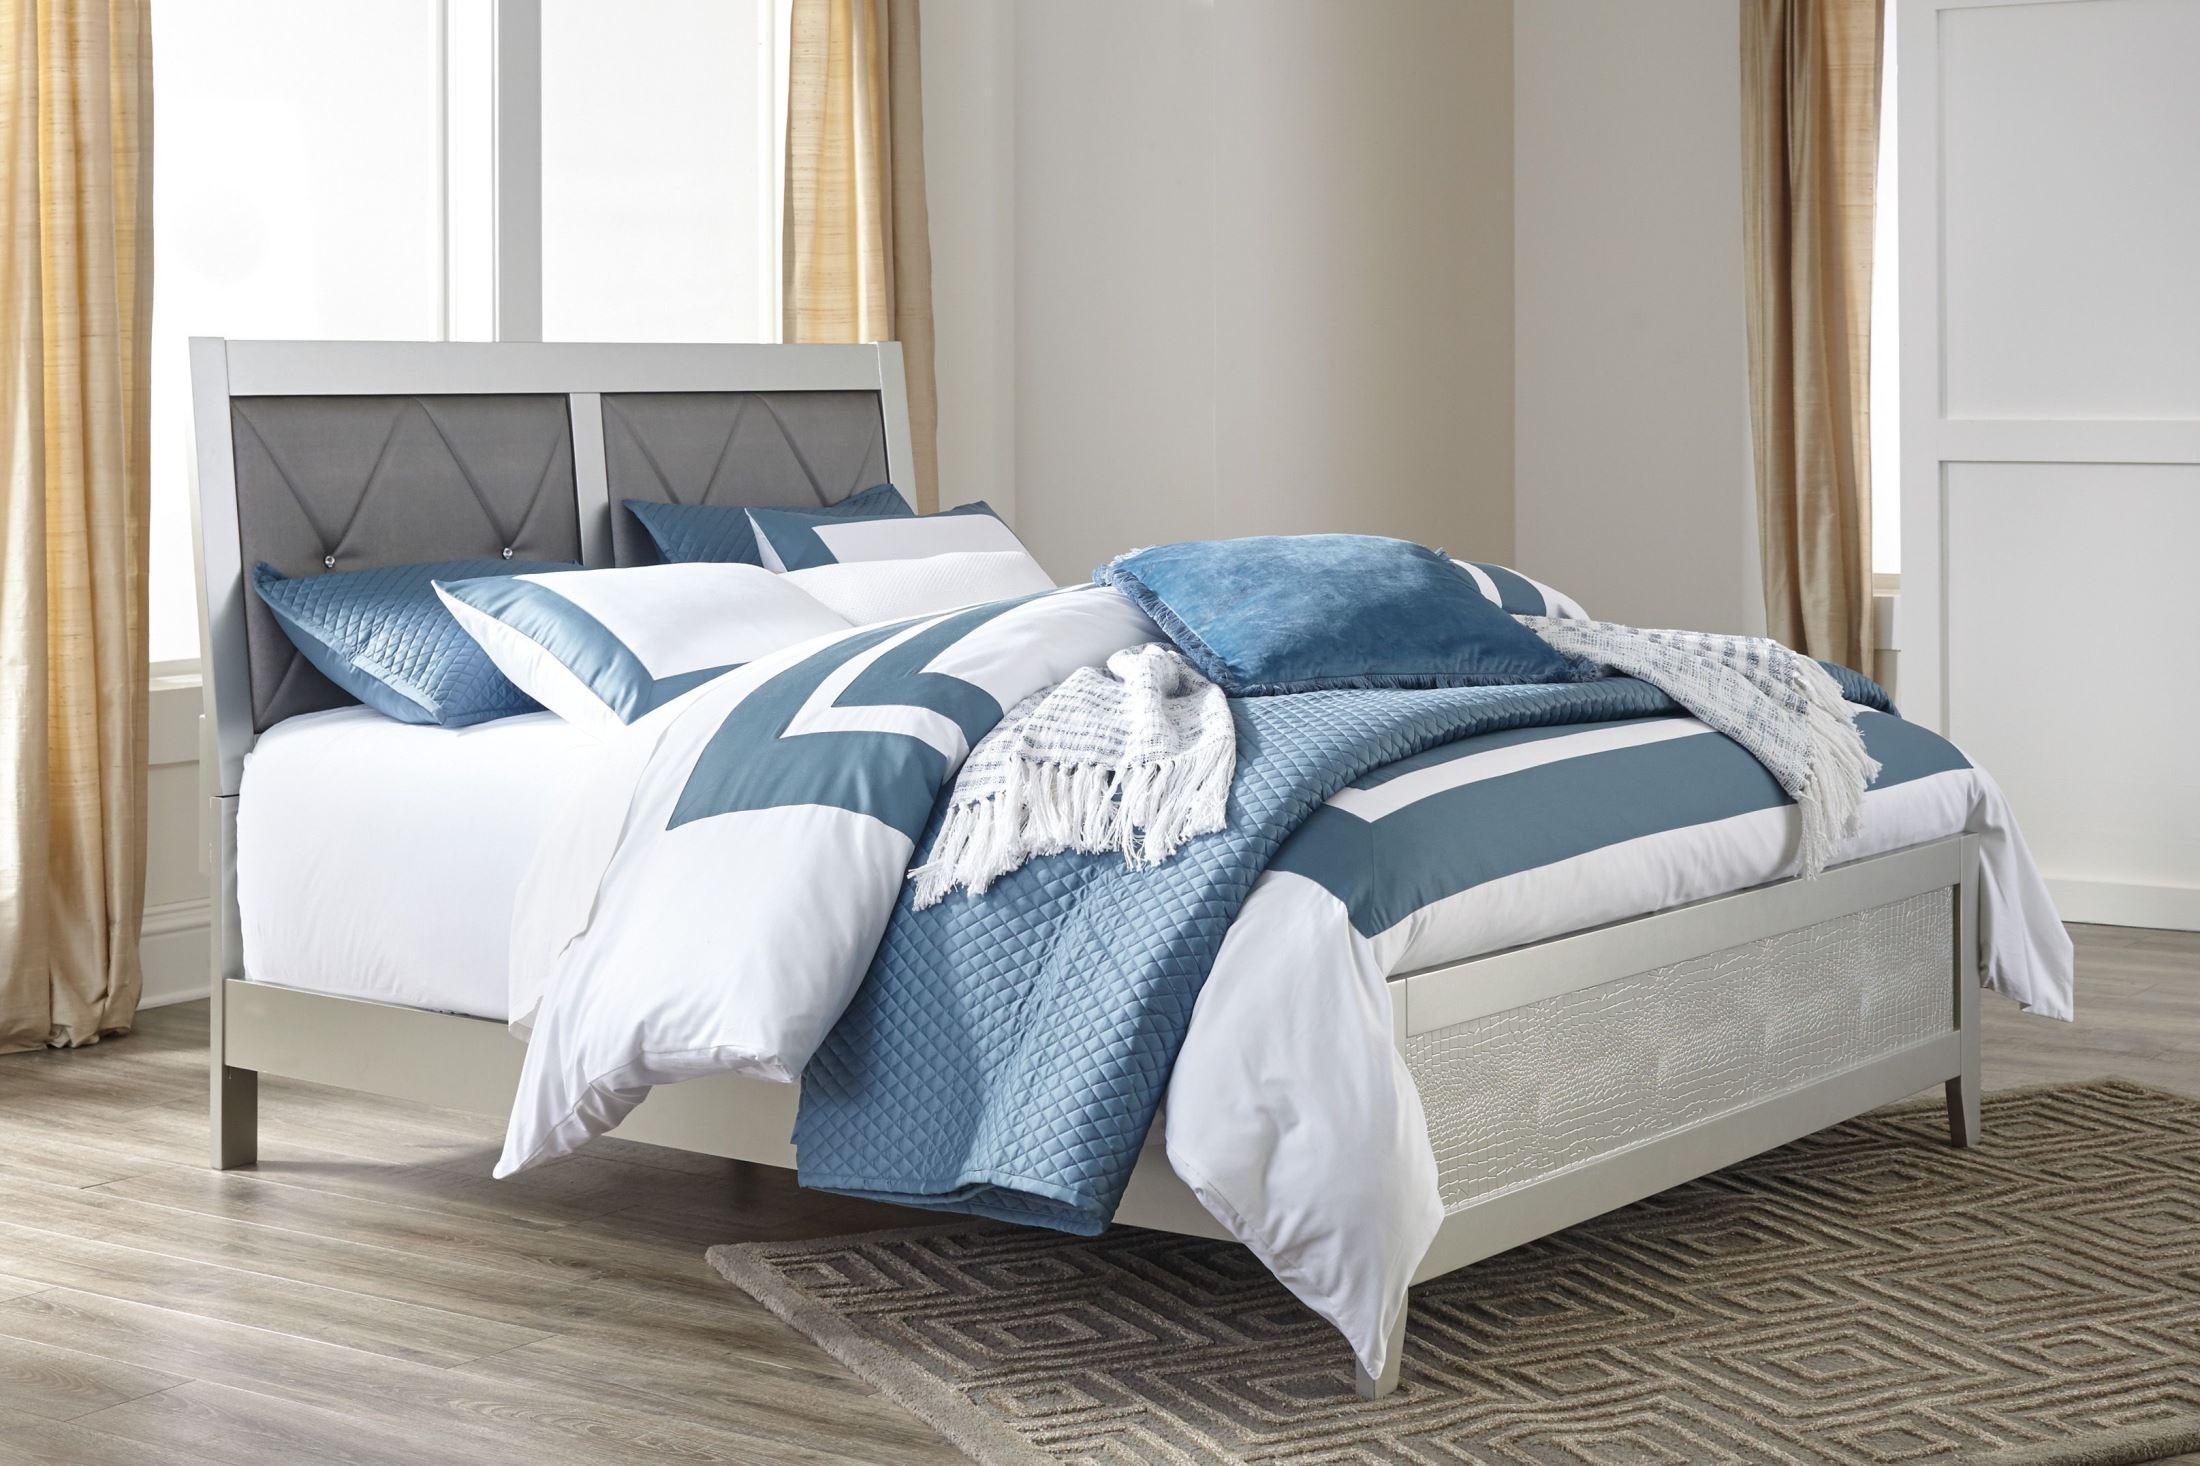 Olivet Silver Upholstered Panel Bedroom Set B560 81 96 Ashley